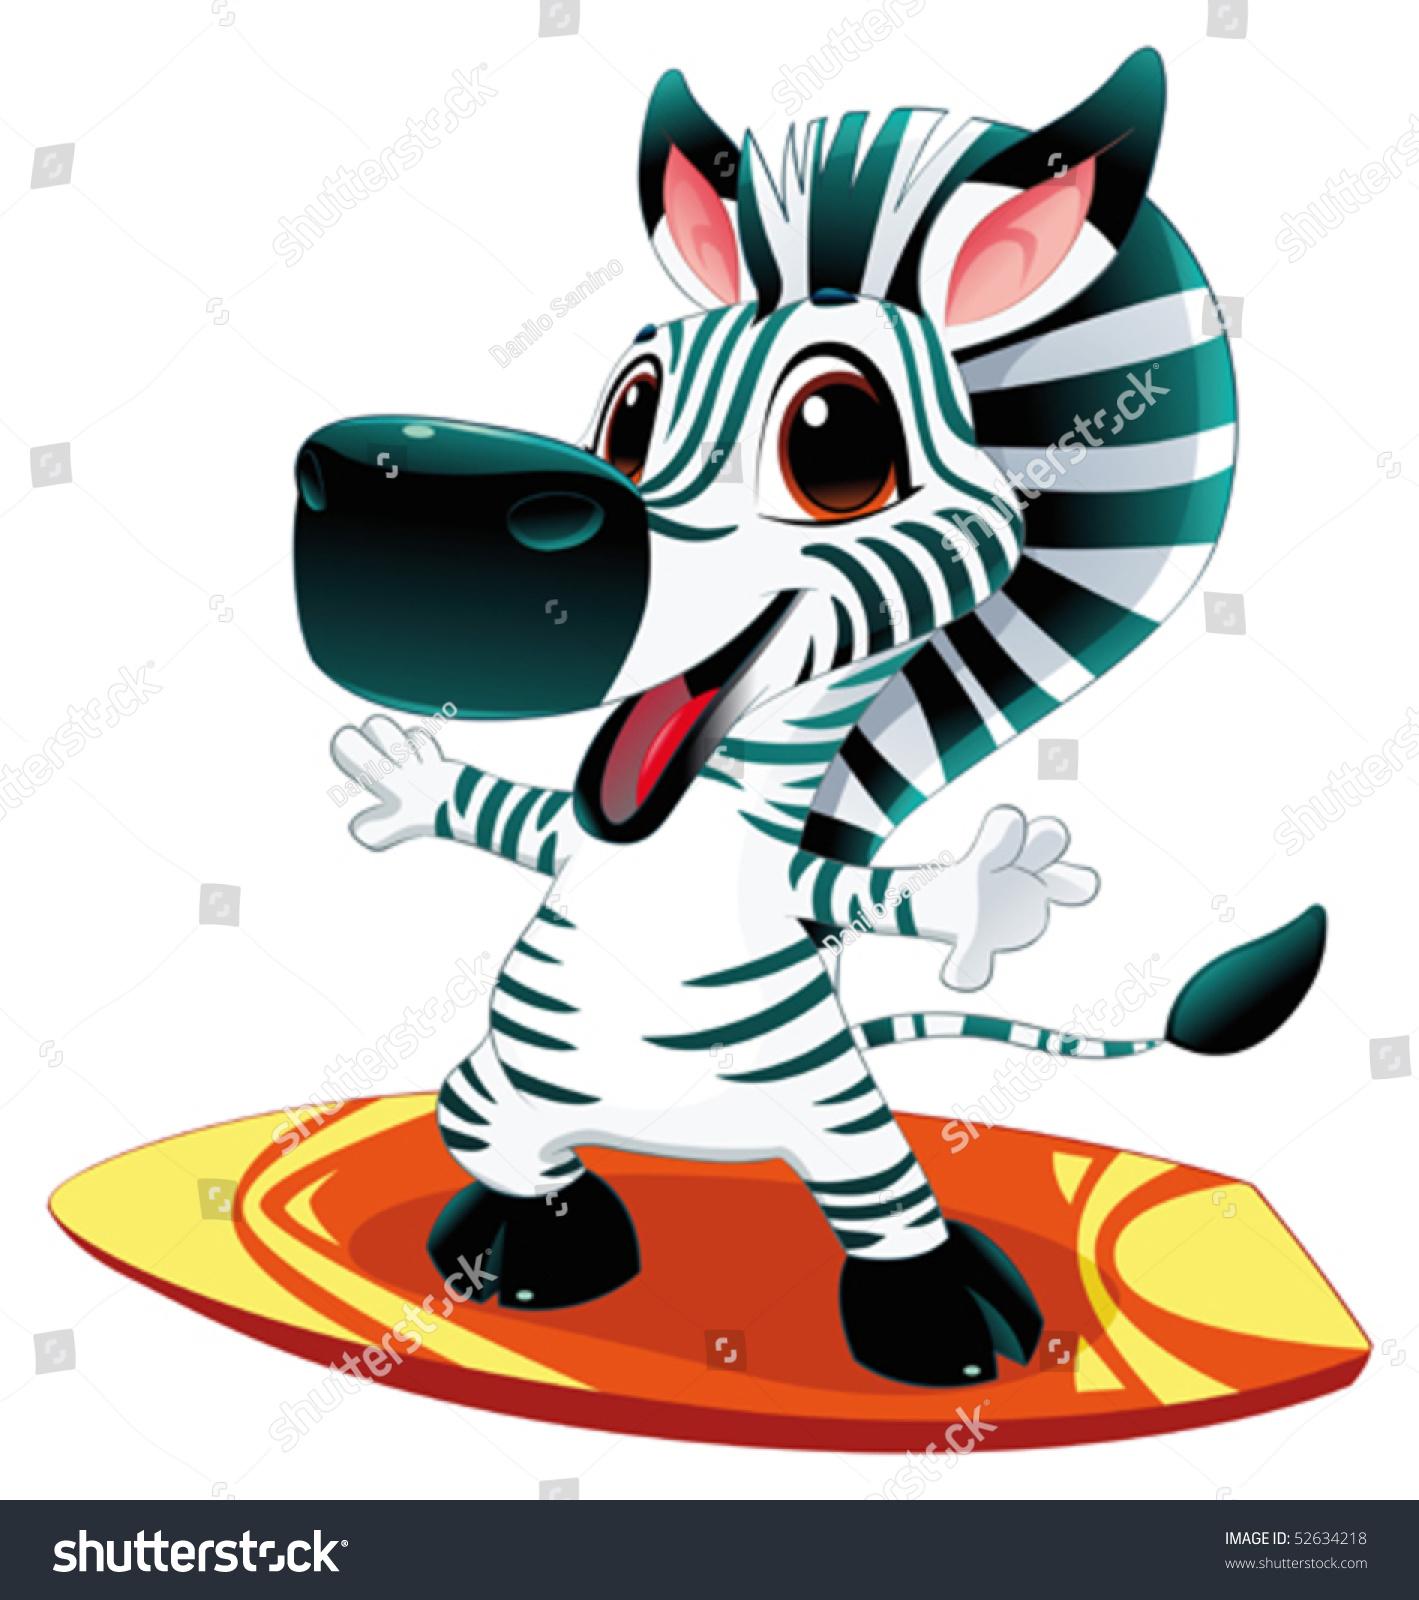 斑马和冲浪.有趣的卡通和矢量字符-动物/野生生物,/图